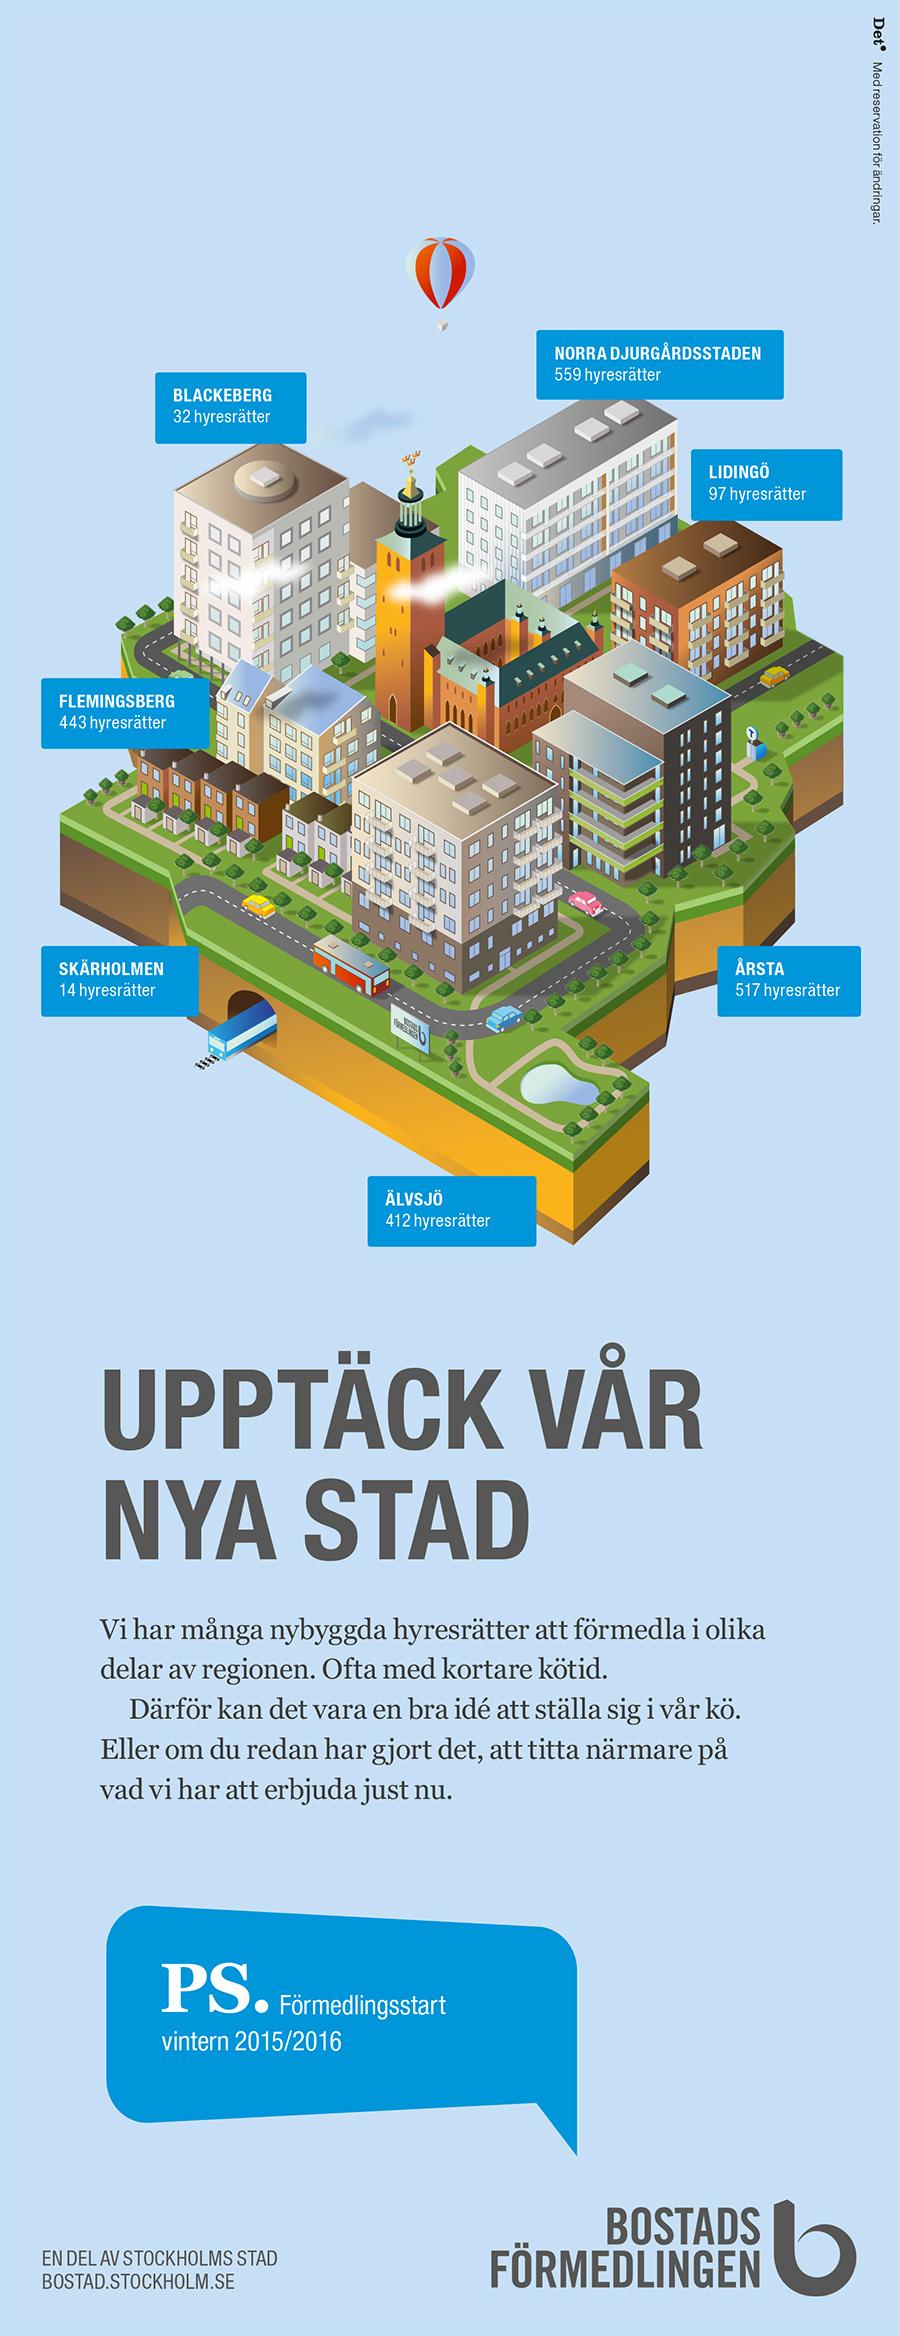 Bostadsförmedlingen - Upptäck vår nya stad